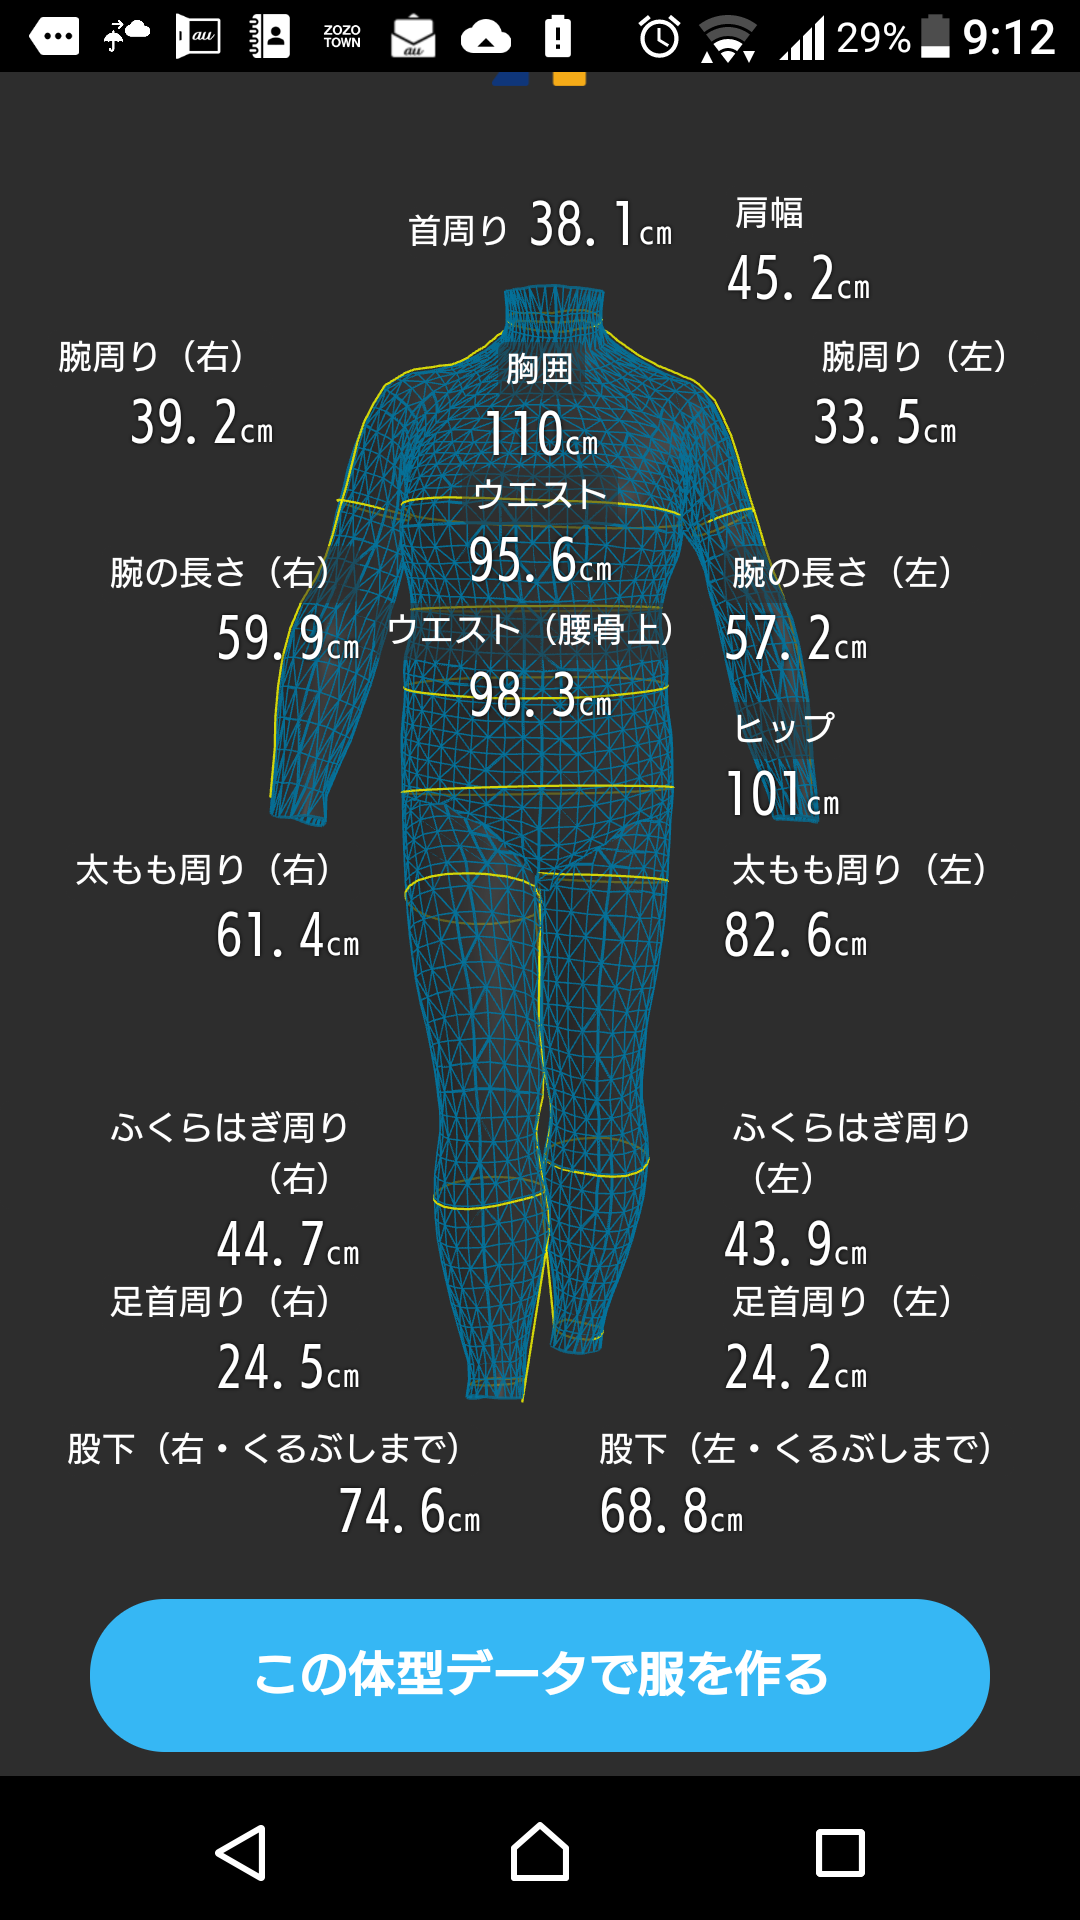 ZOZOスーツ(計測するほう)買った人